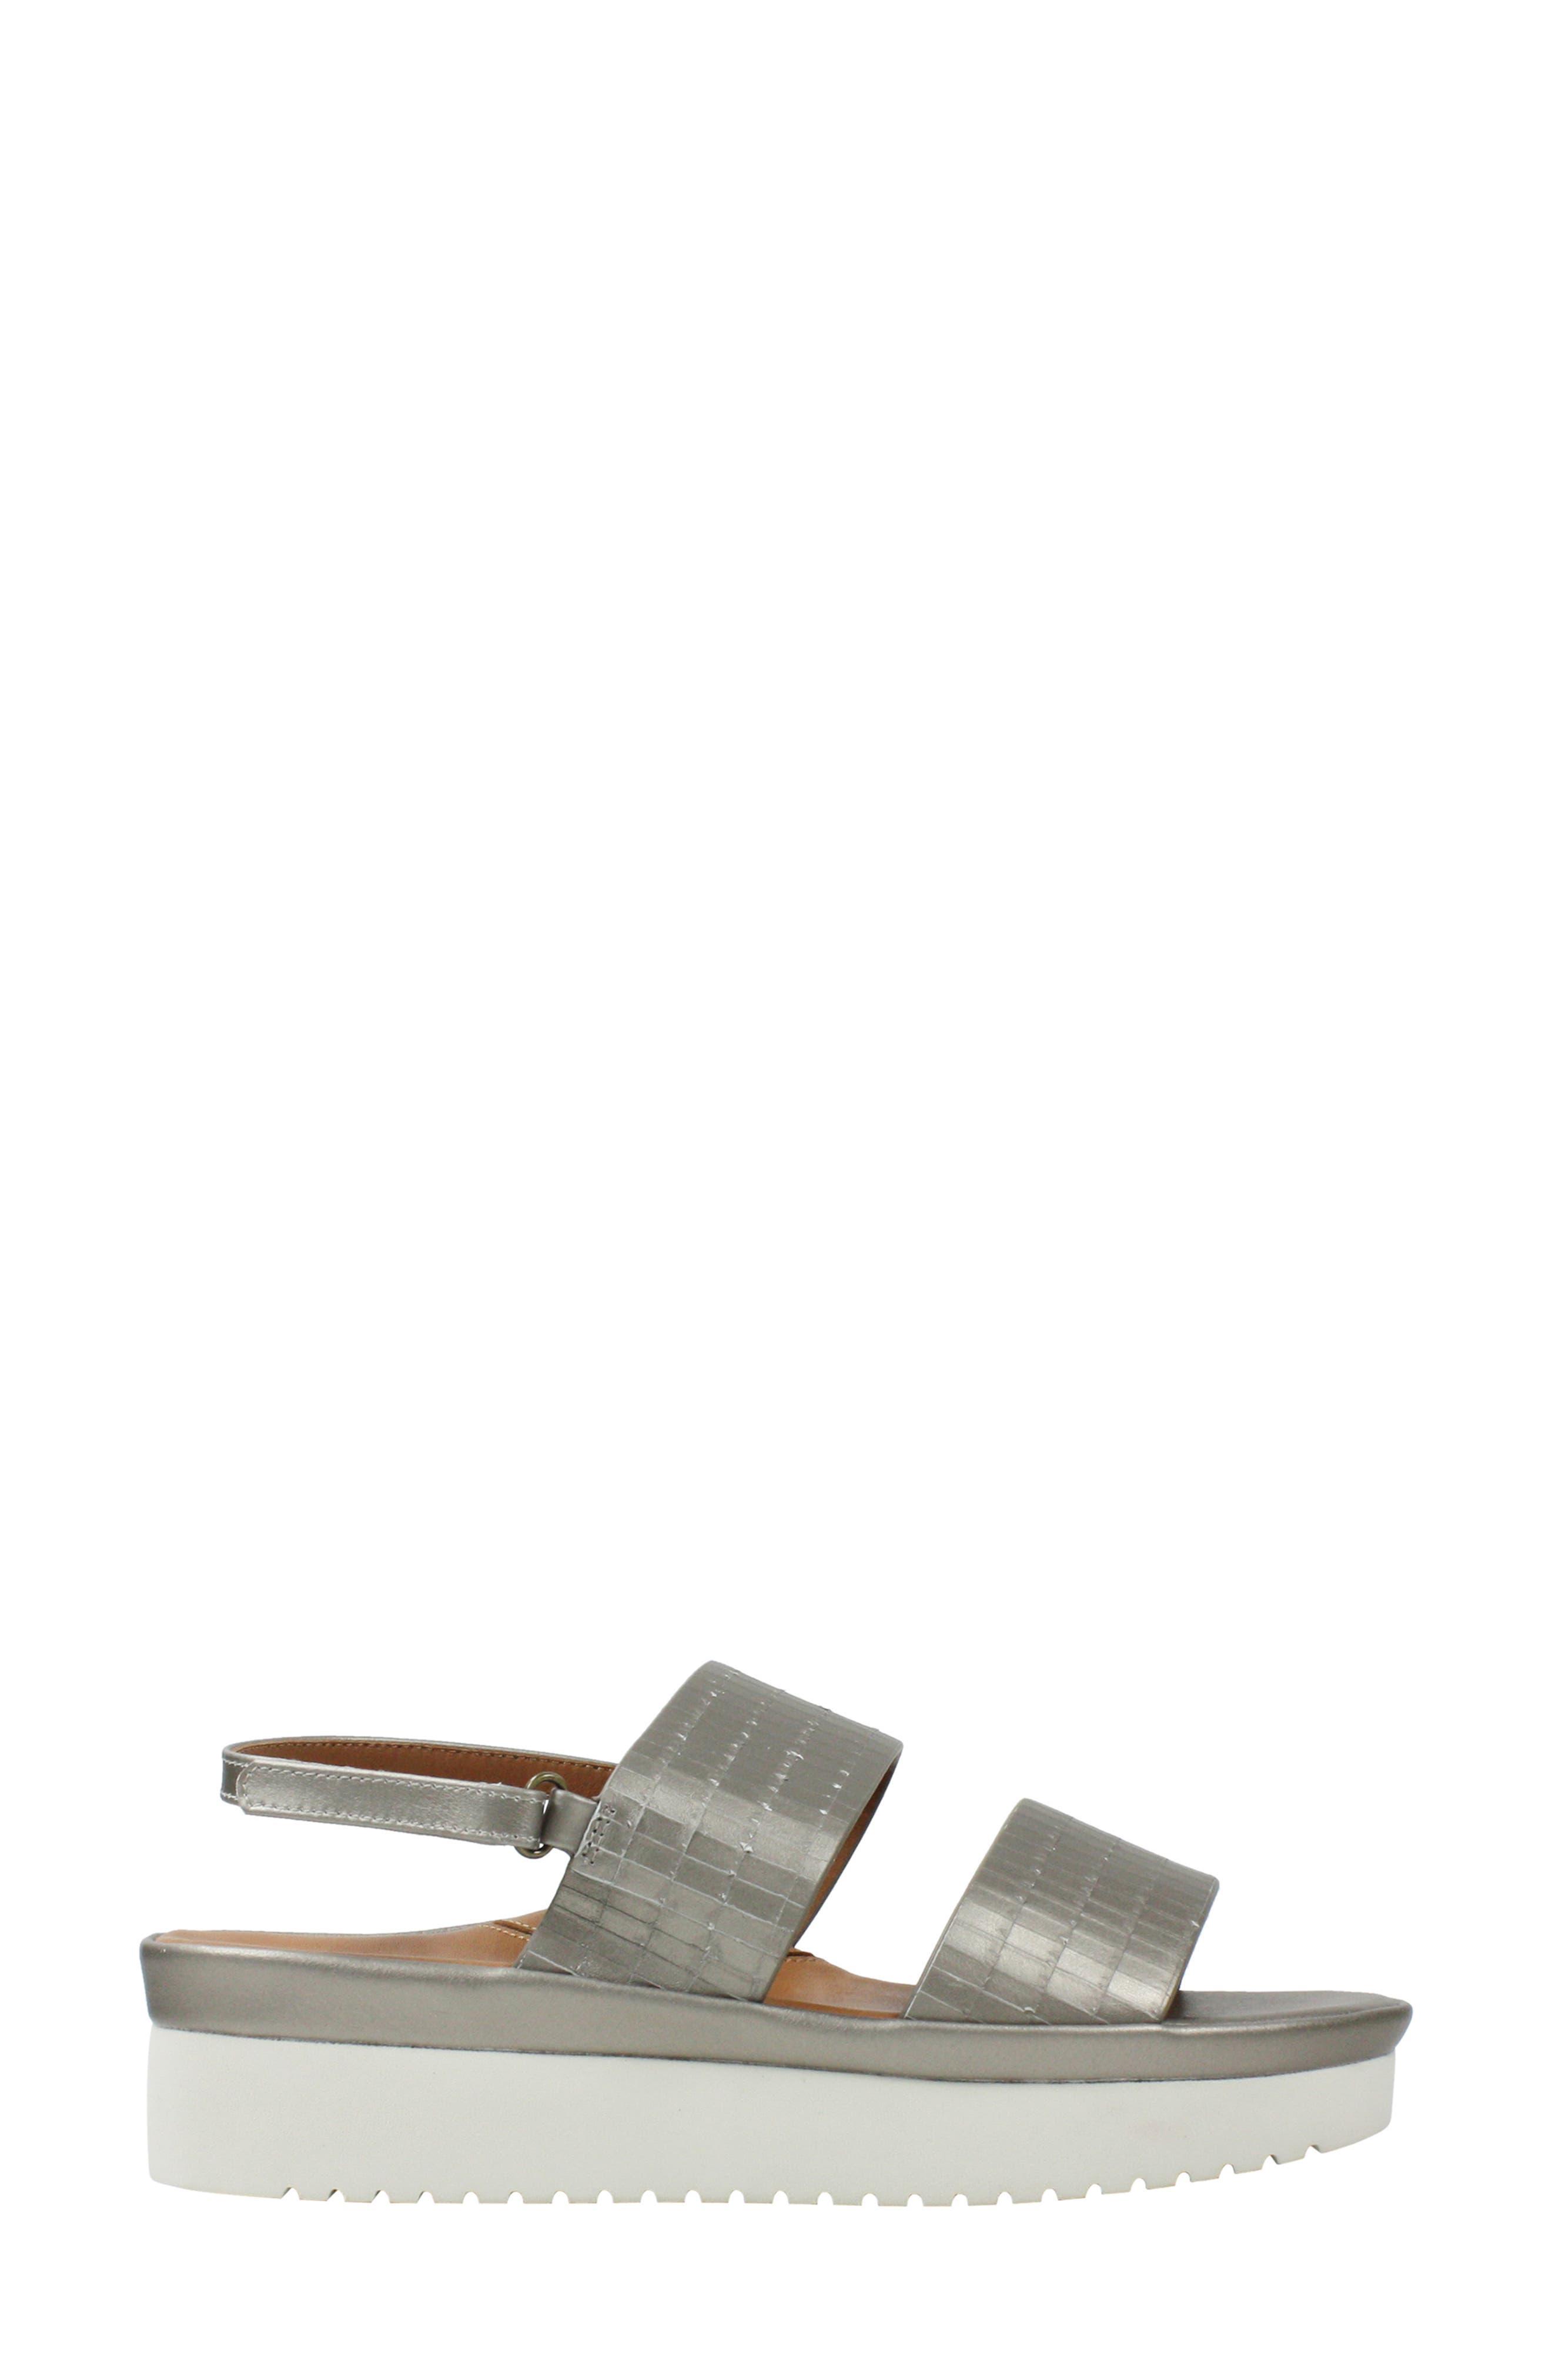 L'AMOUR DES PIEDS, Abruzzo Slingback Platform Wedge Sandal, Alternate thumbnail 3, color, PEARLIZED PLATINUM LEATHER